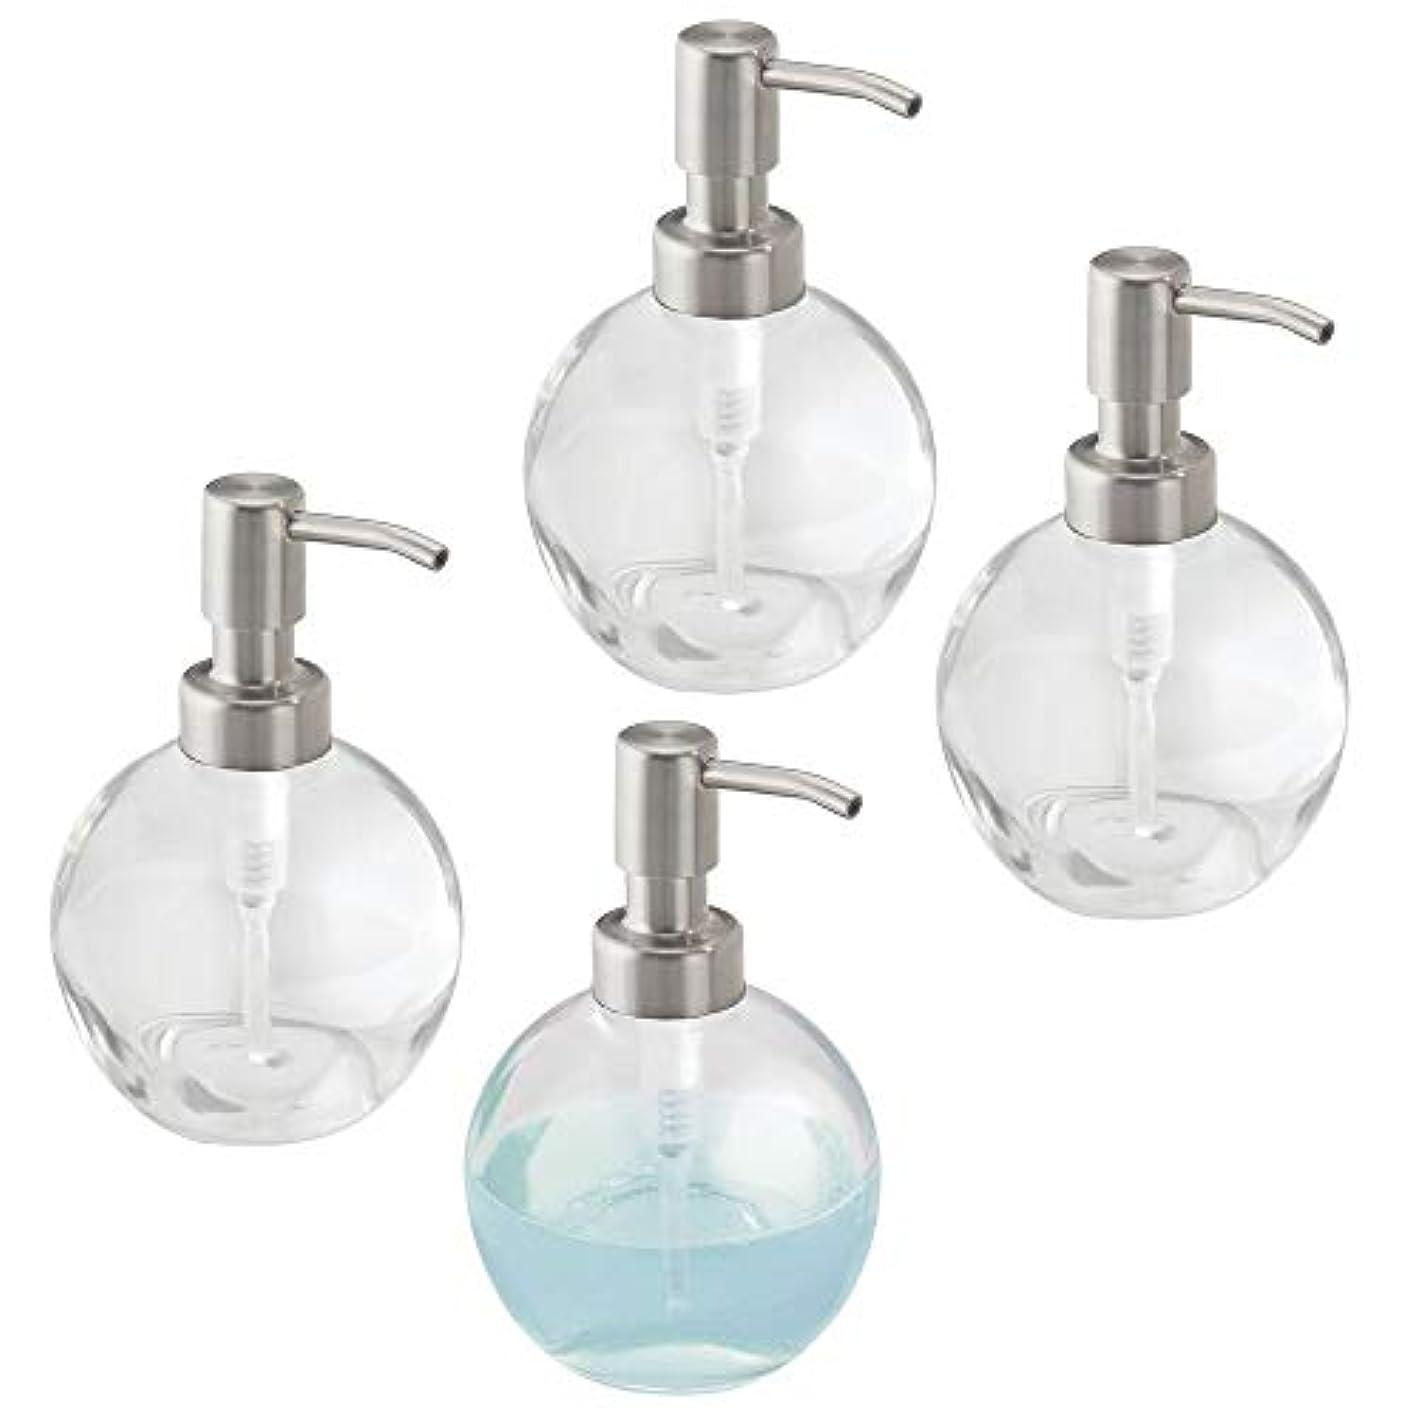 第二にビジネスベーリング海峡mDesign Liquid Hand Soapガラスディスペンサーポンプボトルのキッチン、バスルーム|もCan Be Used For Hand Lotion & Essential Oils – 4のパック、ラウンド...